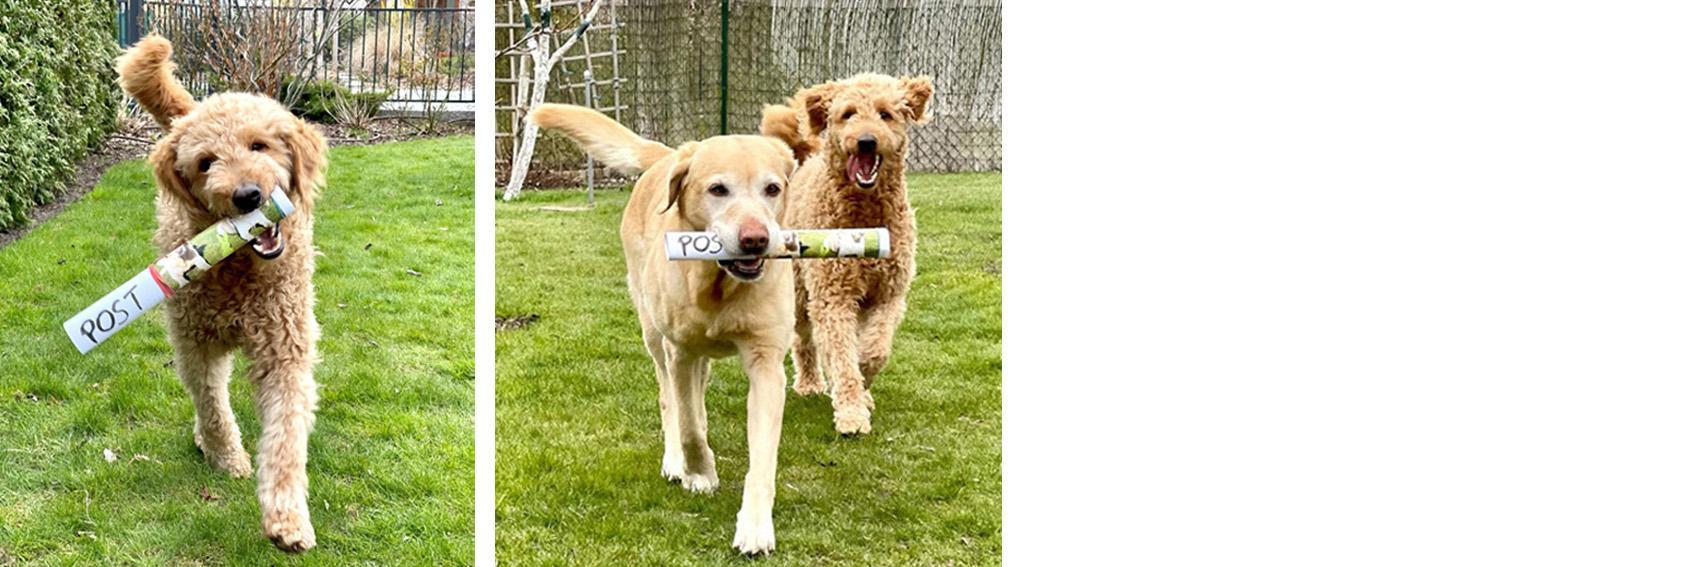 Banderole Posthunde